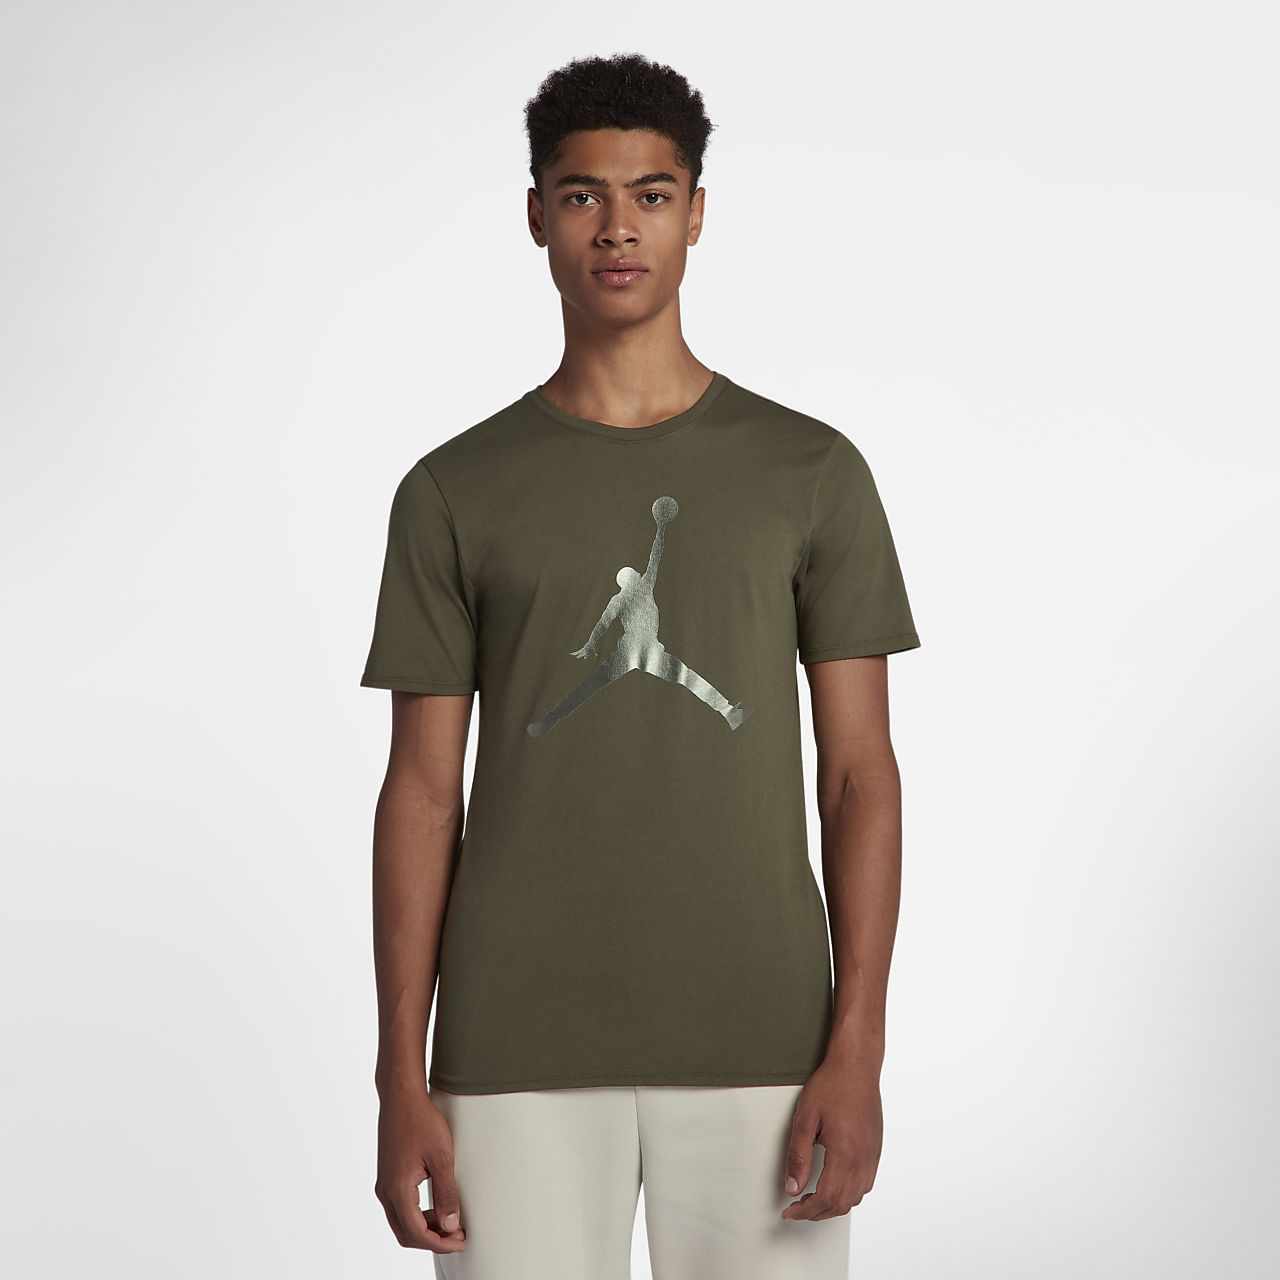 Jordan Lifestyle Iconic Jumpman Men s T-Shirt. Nike.com GB 25a2e402c75